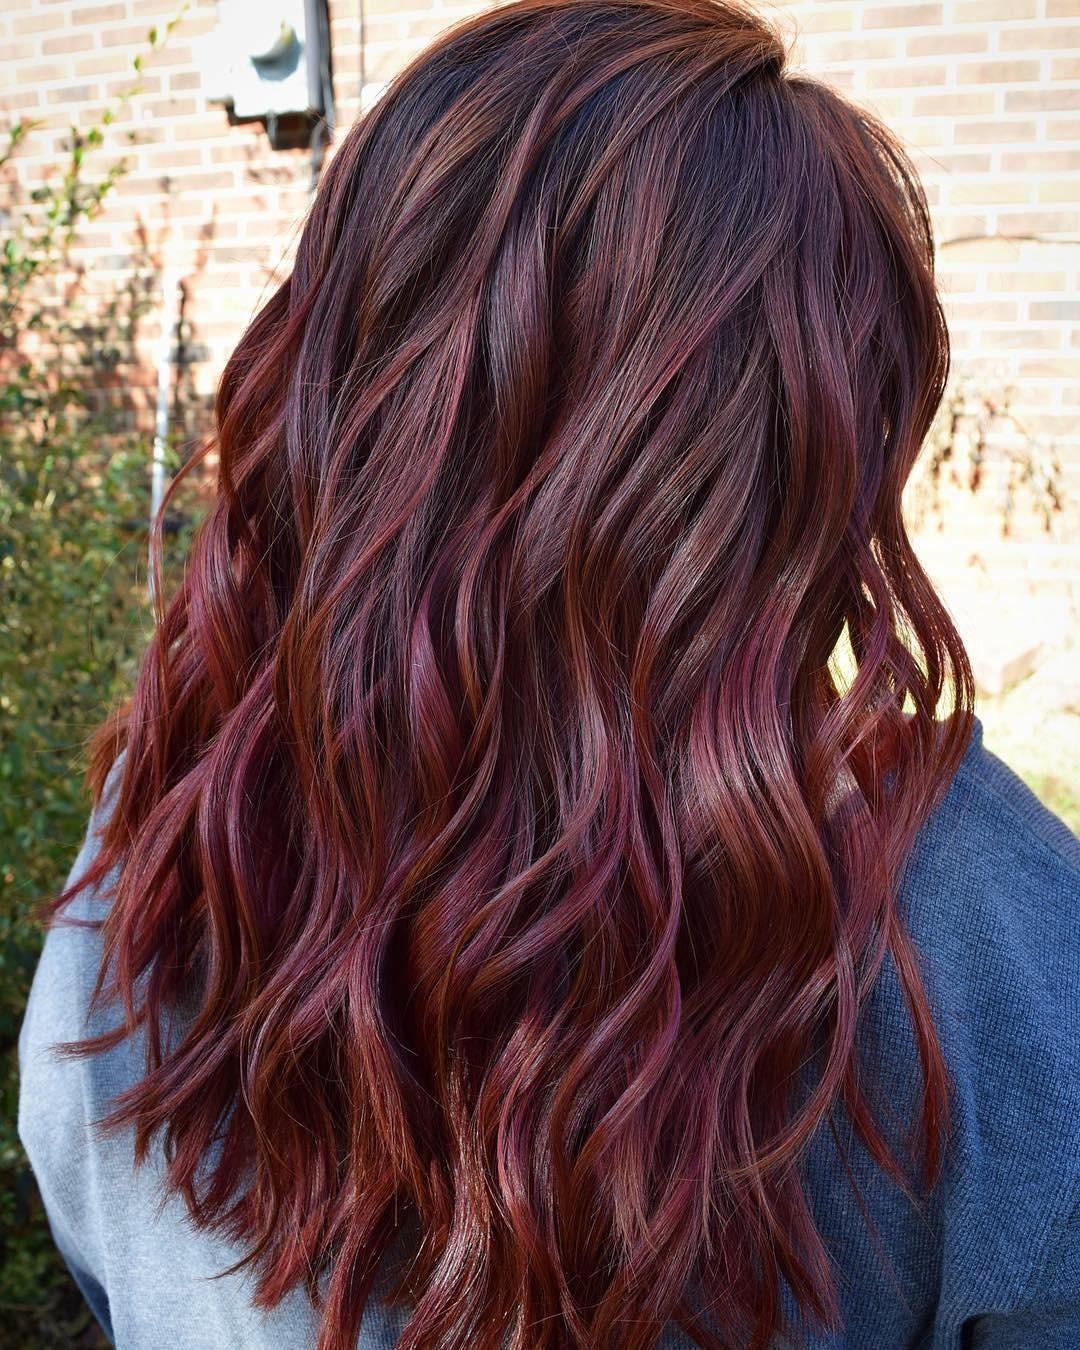 @josh.does.hair